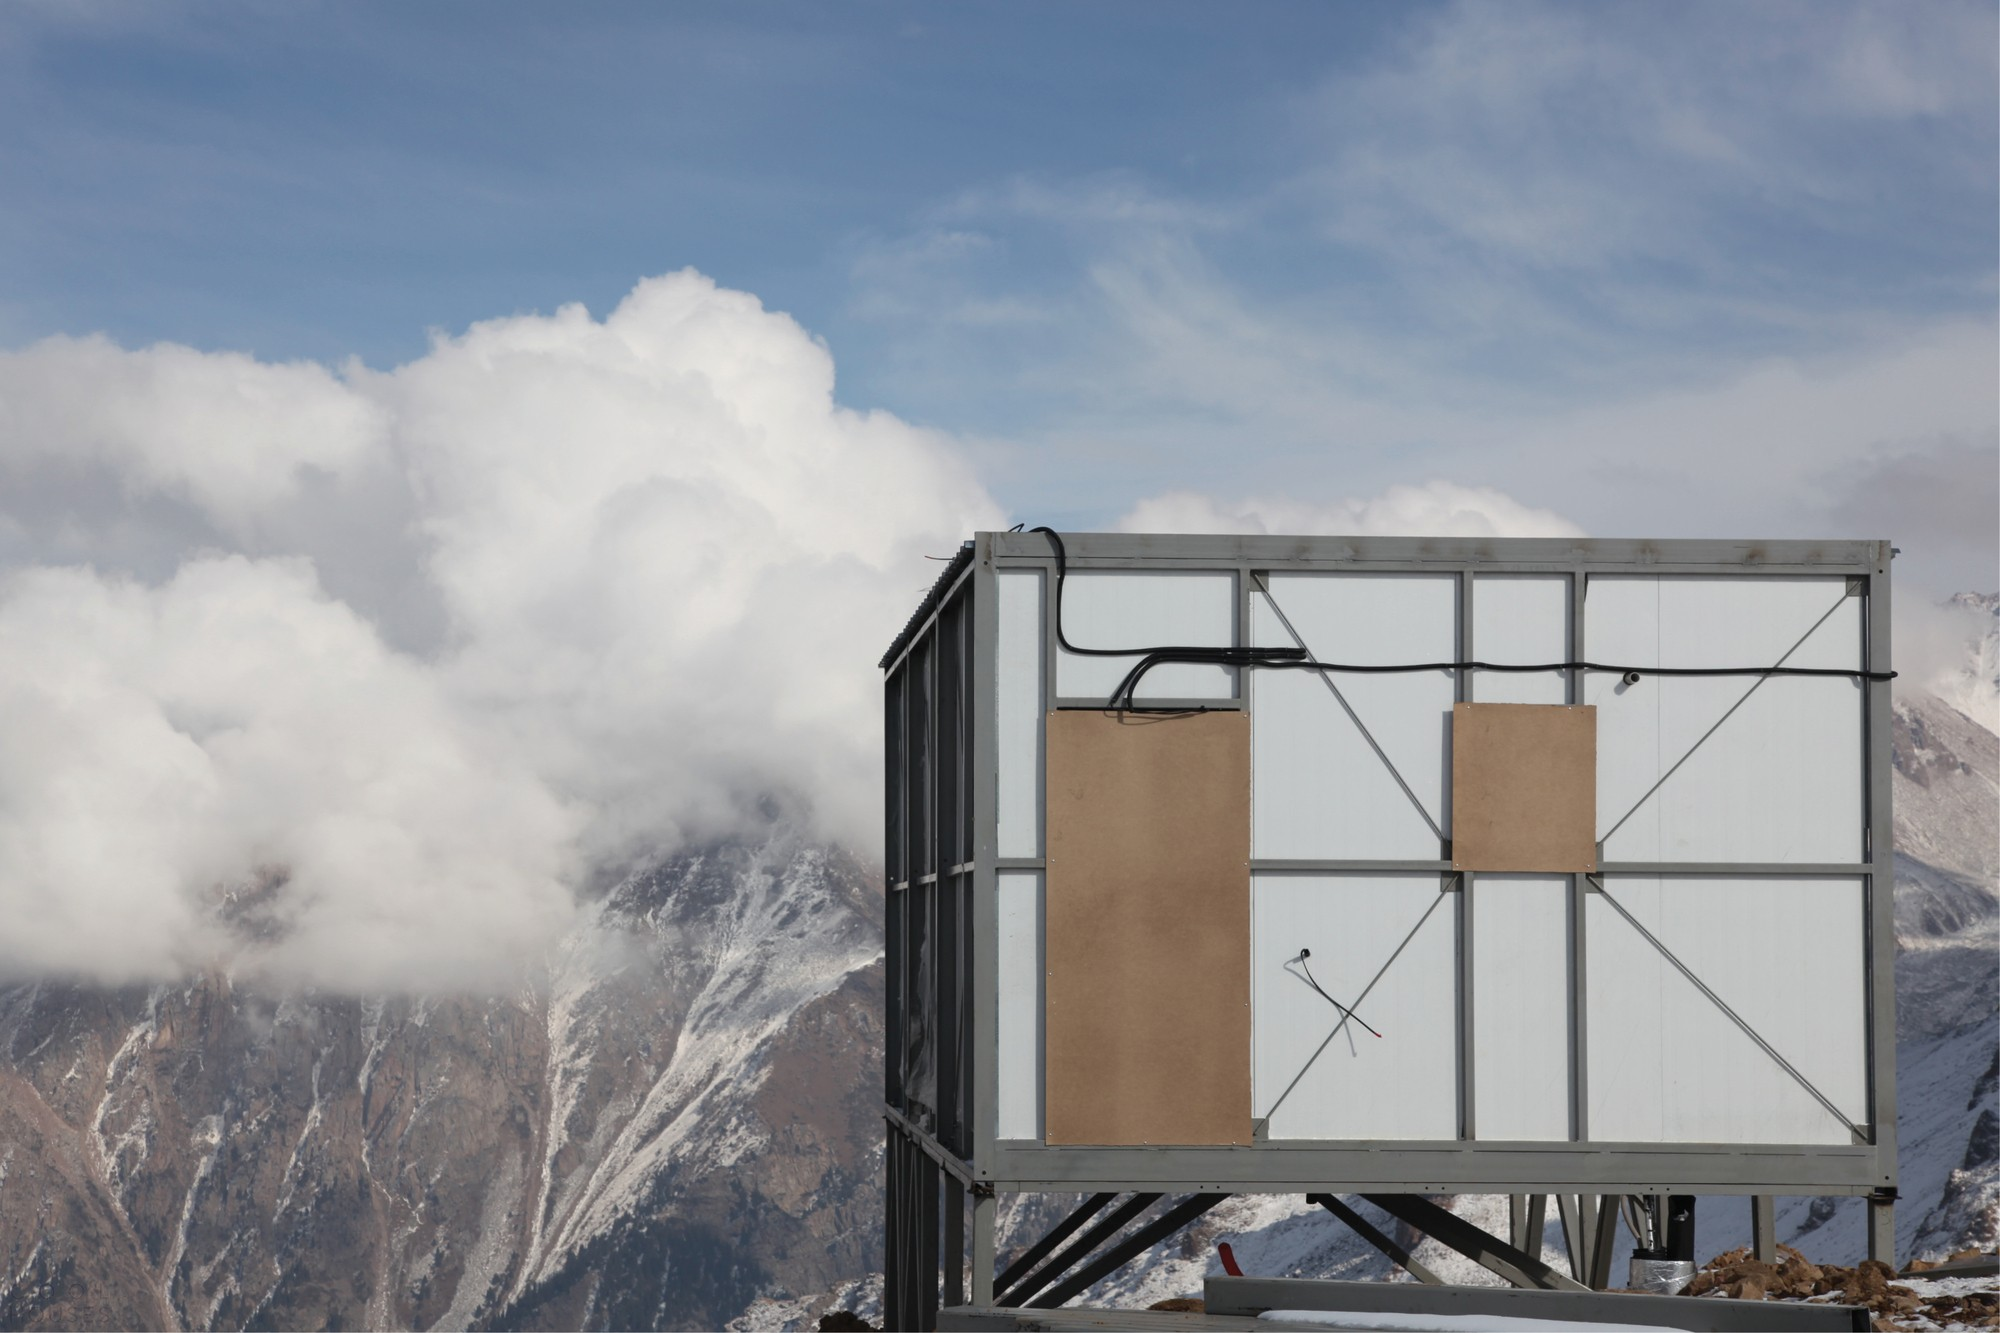 Модульный глэмпинг Tenir – один из самых высокогорных отелей в мире